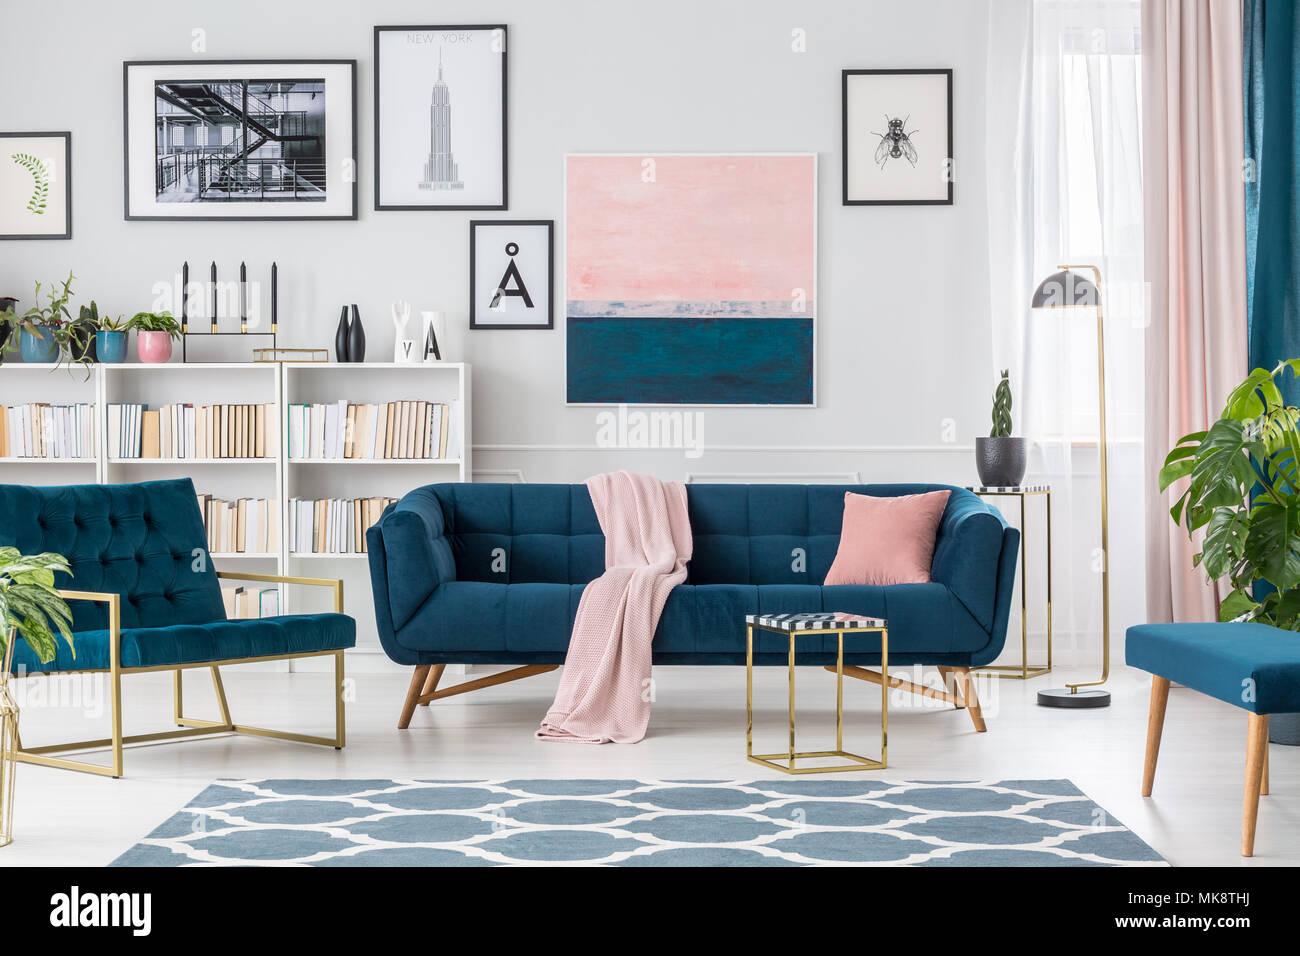 à Côté De La Lampe De Table Bleu Marine Contre Le Mur Avec La